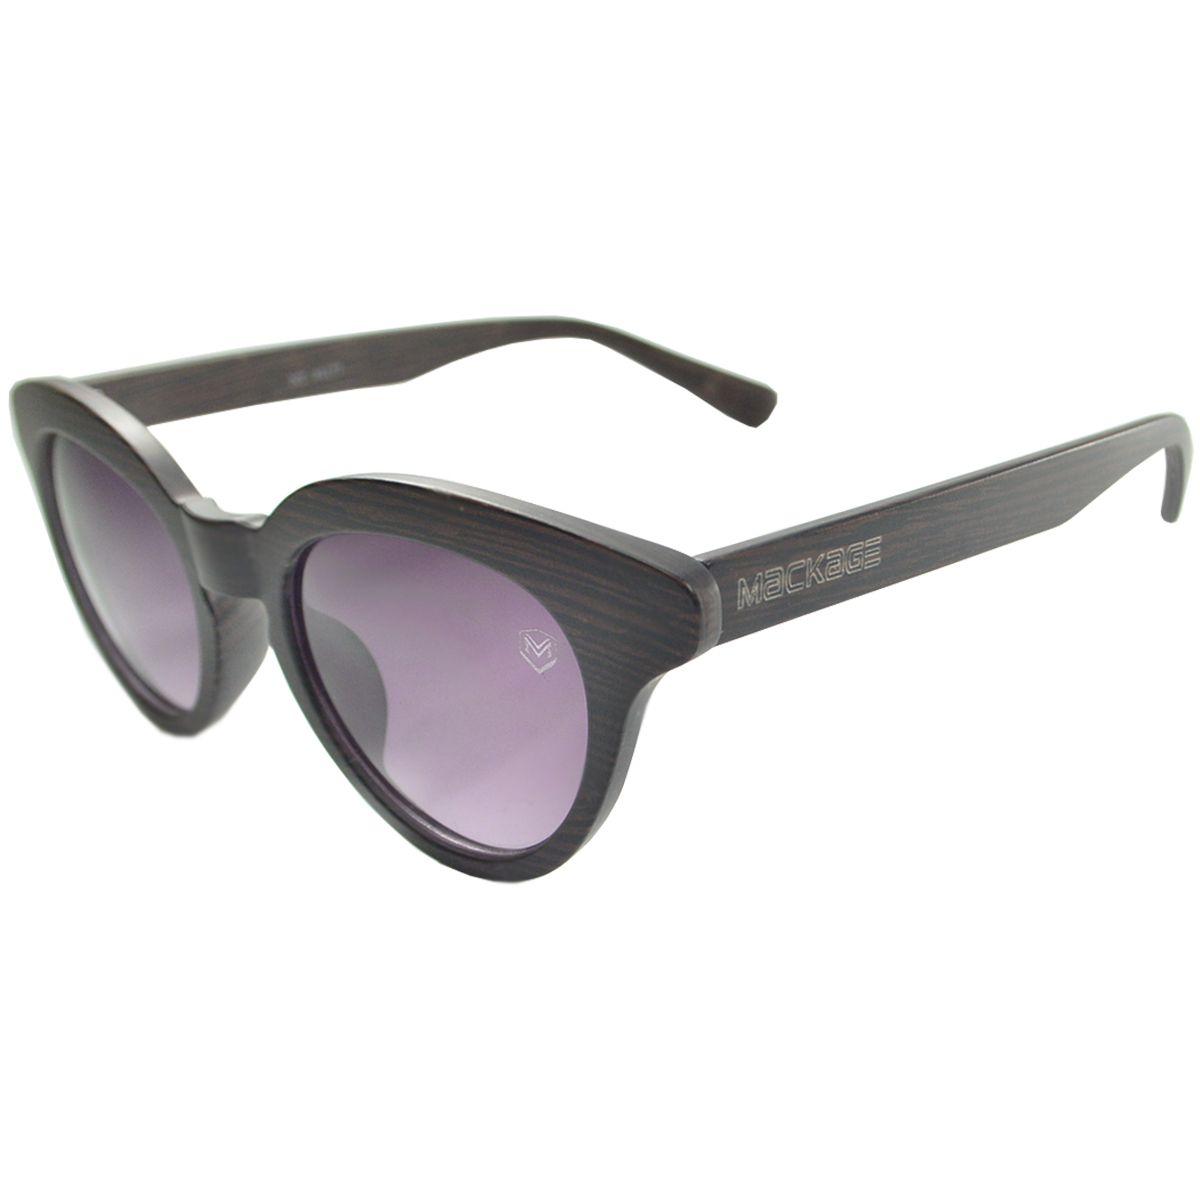 071c8c40d301a Óculos de Sol Feminino Mackage MK2133T Cristal